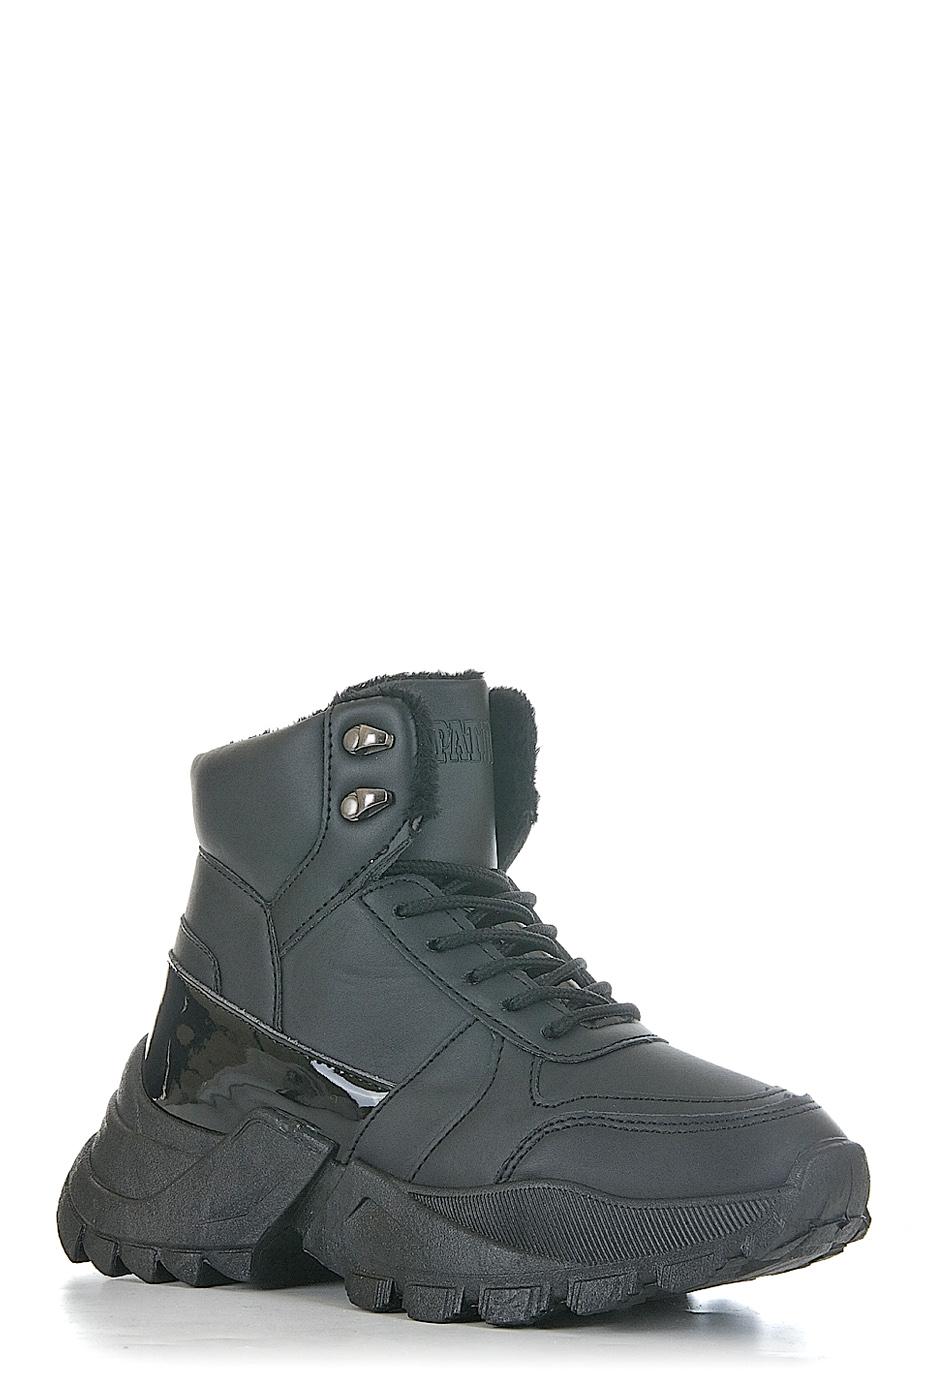 Ботинки зимние PATROL